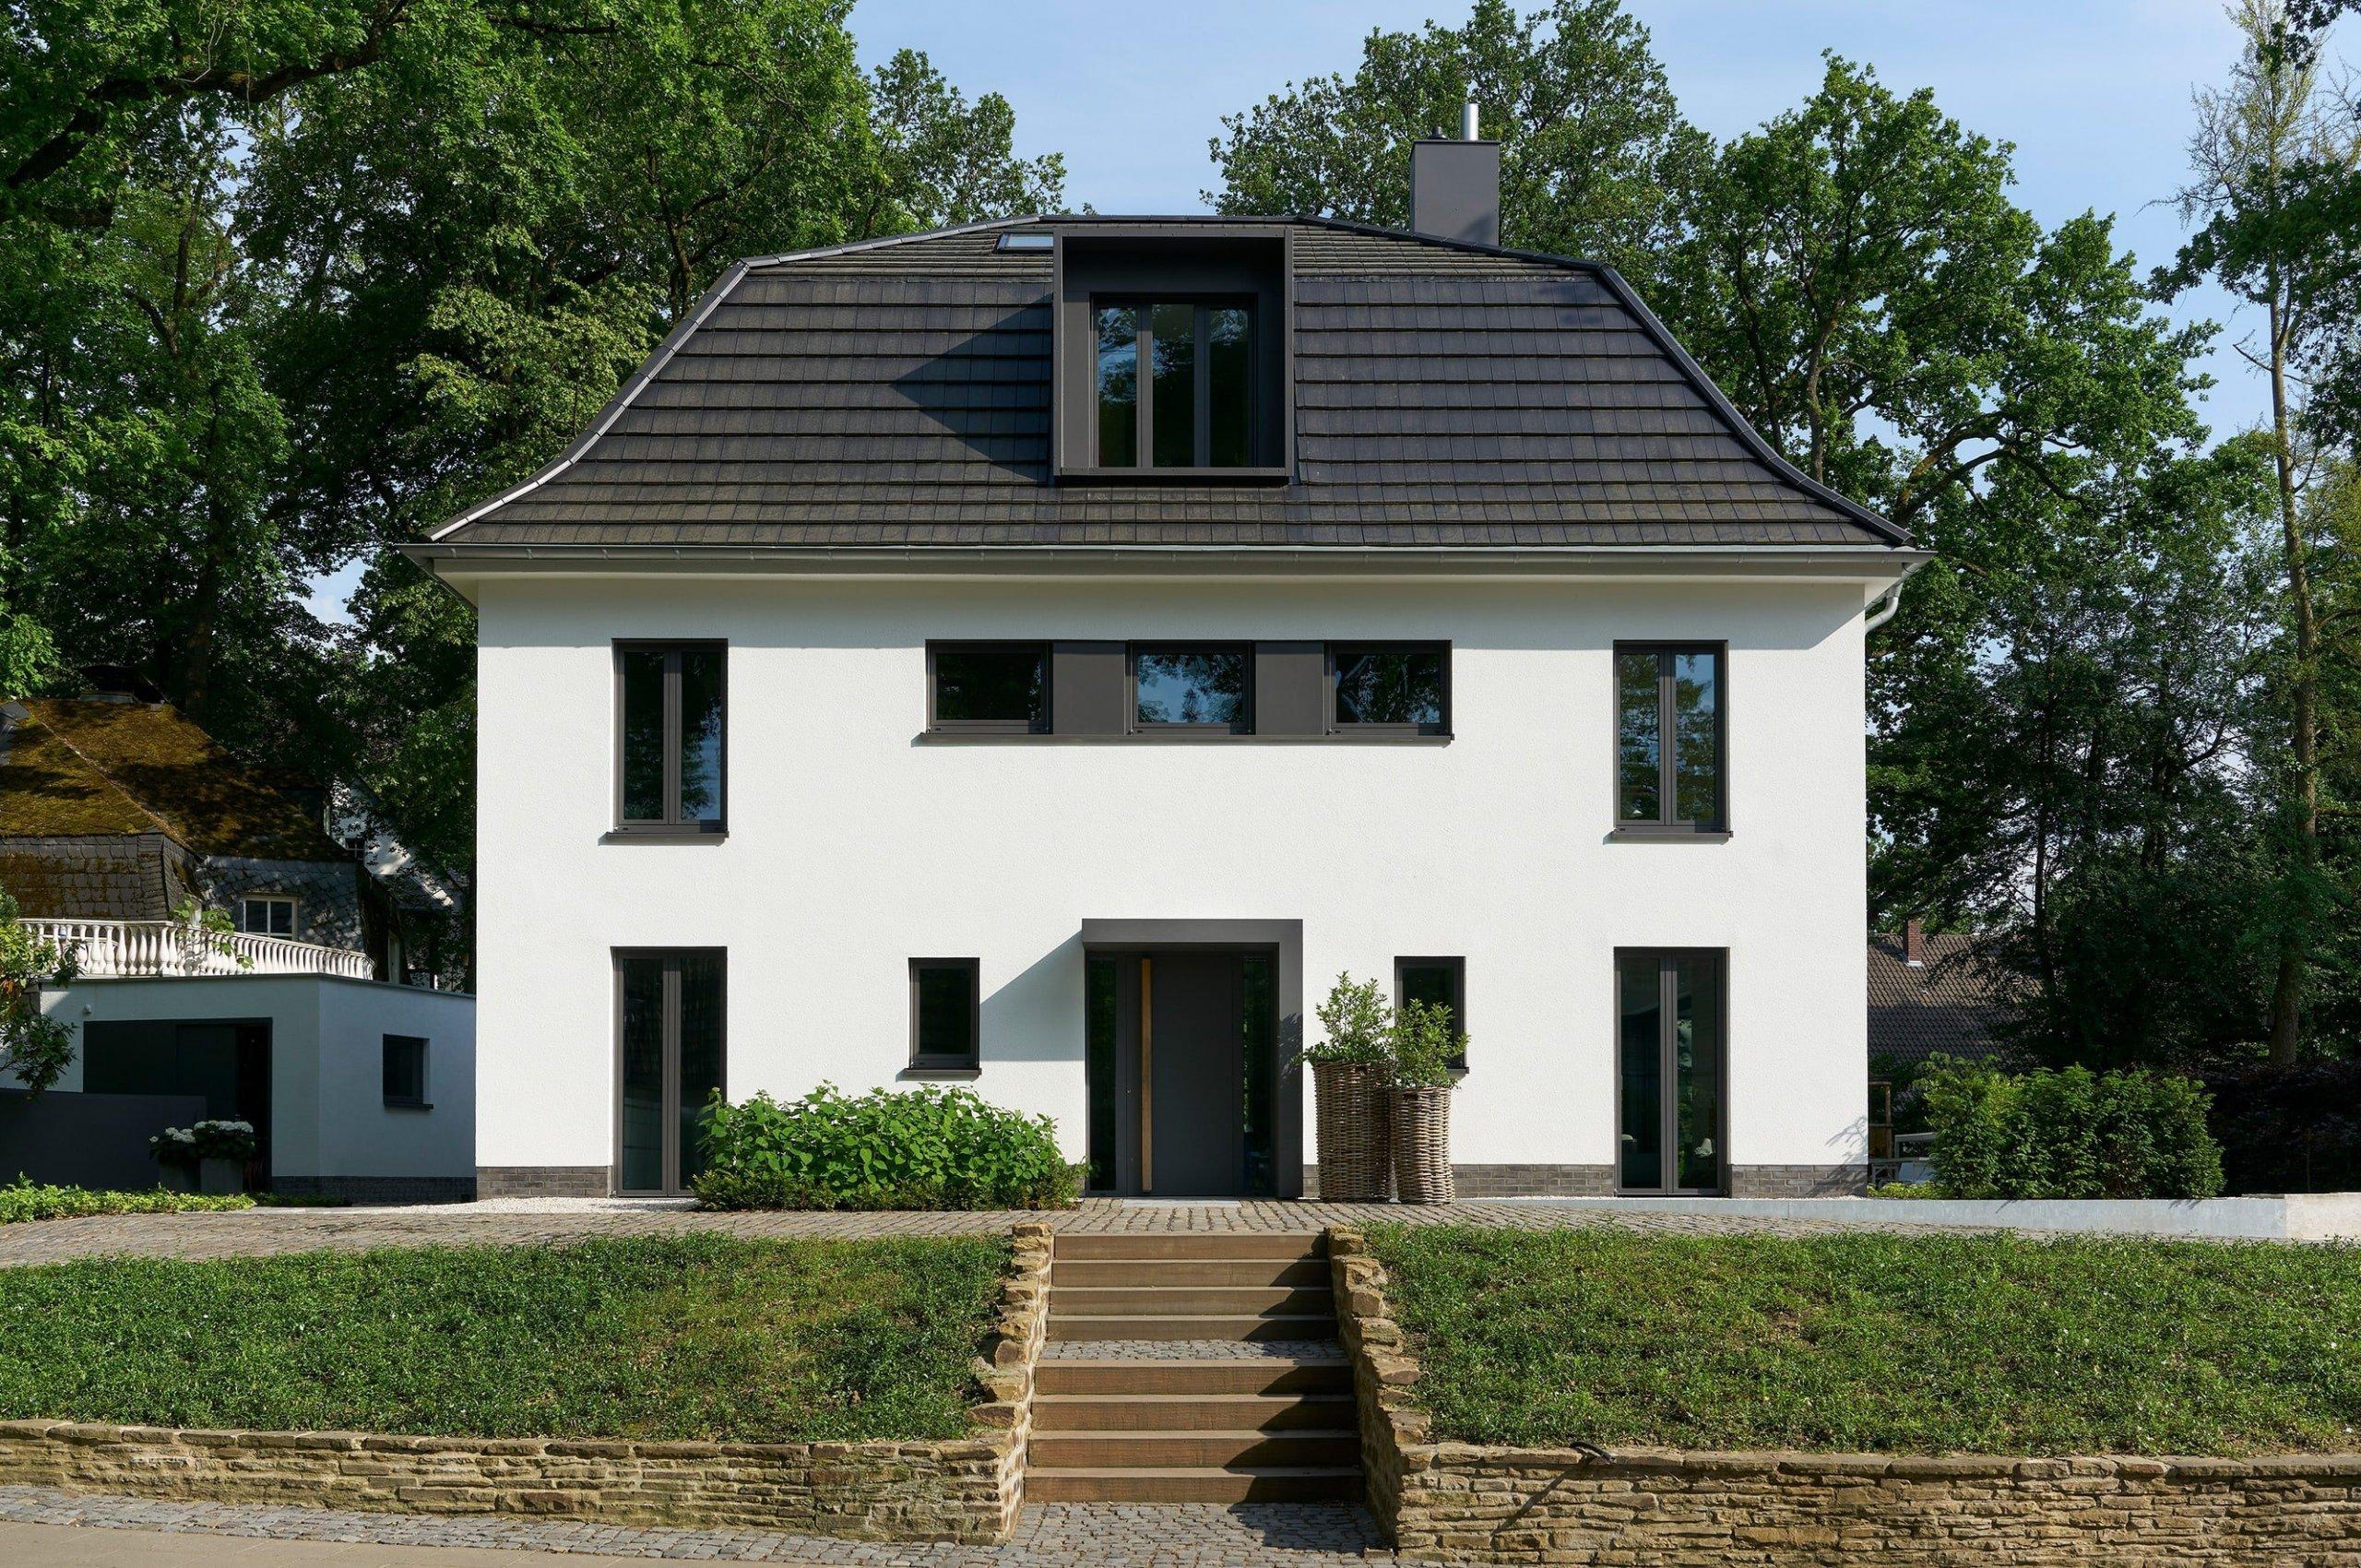 Nedaleko Kolína nad Rýnem se nachází dům, který dostal druhou šanci. Architektku Eriku Werresovou zaujal na první pohled – upustila od nápadu na novostavbu a vrhla se do rekonstrukce. Sama sobě se tak stala klientkou. Proměna domu doslova od podlahy byla náročnější, než se mohlo zdát. Ze starého zdevastovaného domu v Bergisch Gladbachu se však nakonec jako zázrakem vylouplo krásné a moderní bydlení, které si nezadá s novostavbou.